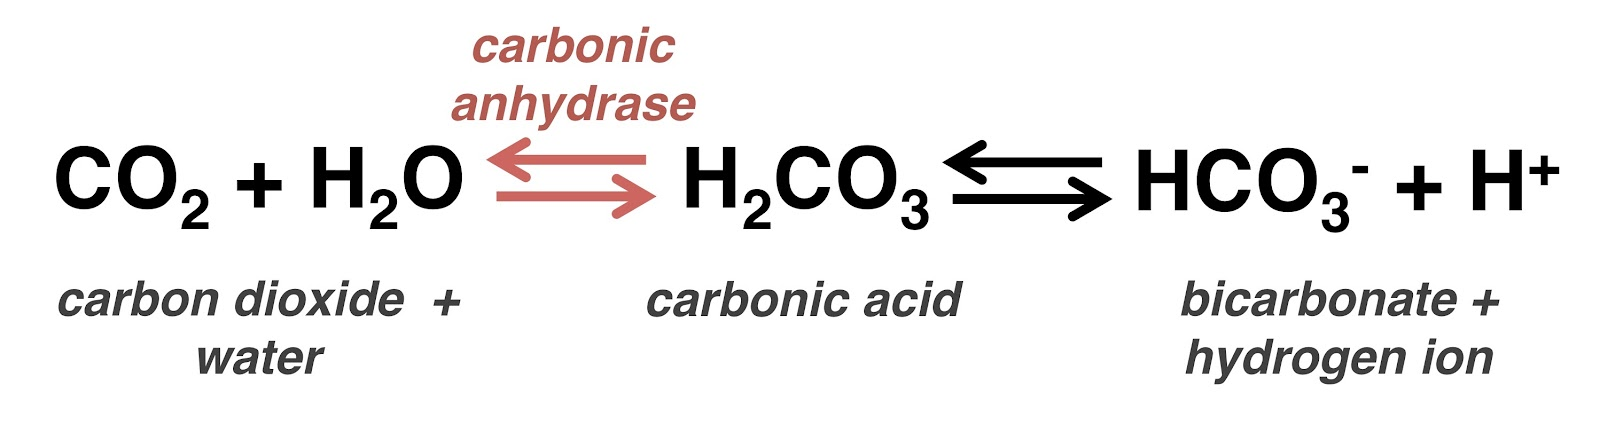 The Mad Science Blog: Chemistry of Beer: Carbon Dioxide vs Nitrogen